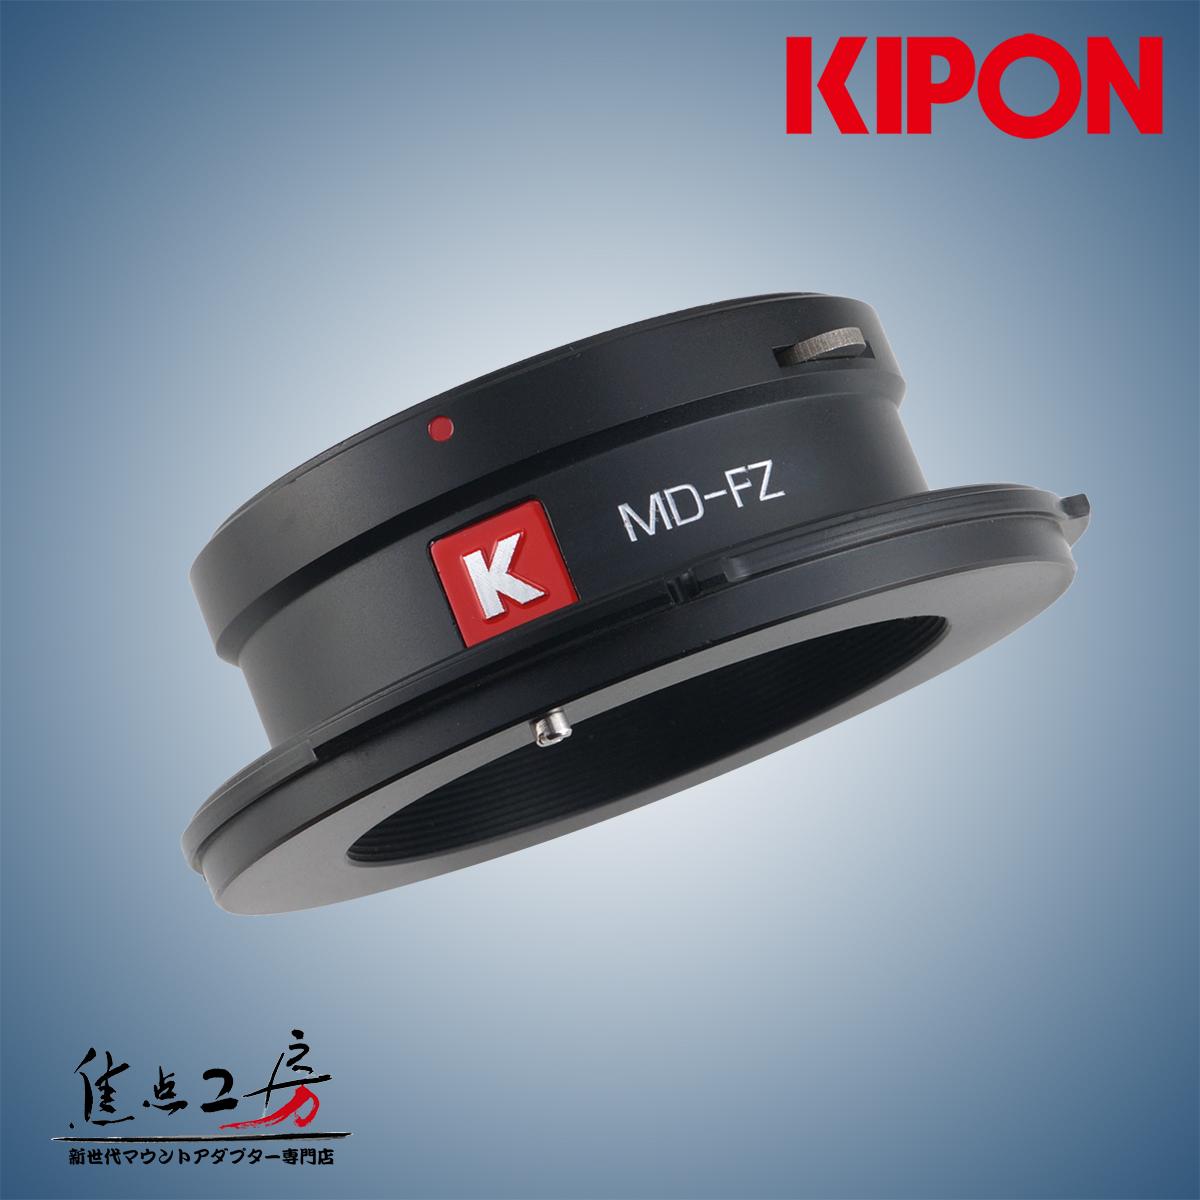 KIPON MD-FZ (MD-F3) SONY(ソニー)FZマウントデジタルシネマカムコーダー用 - ミノルタMD・MC・SRマウント